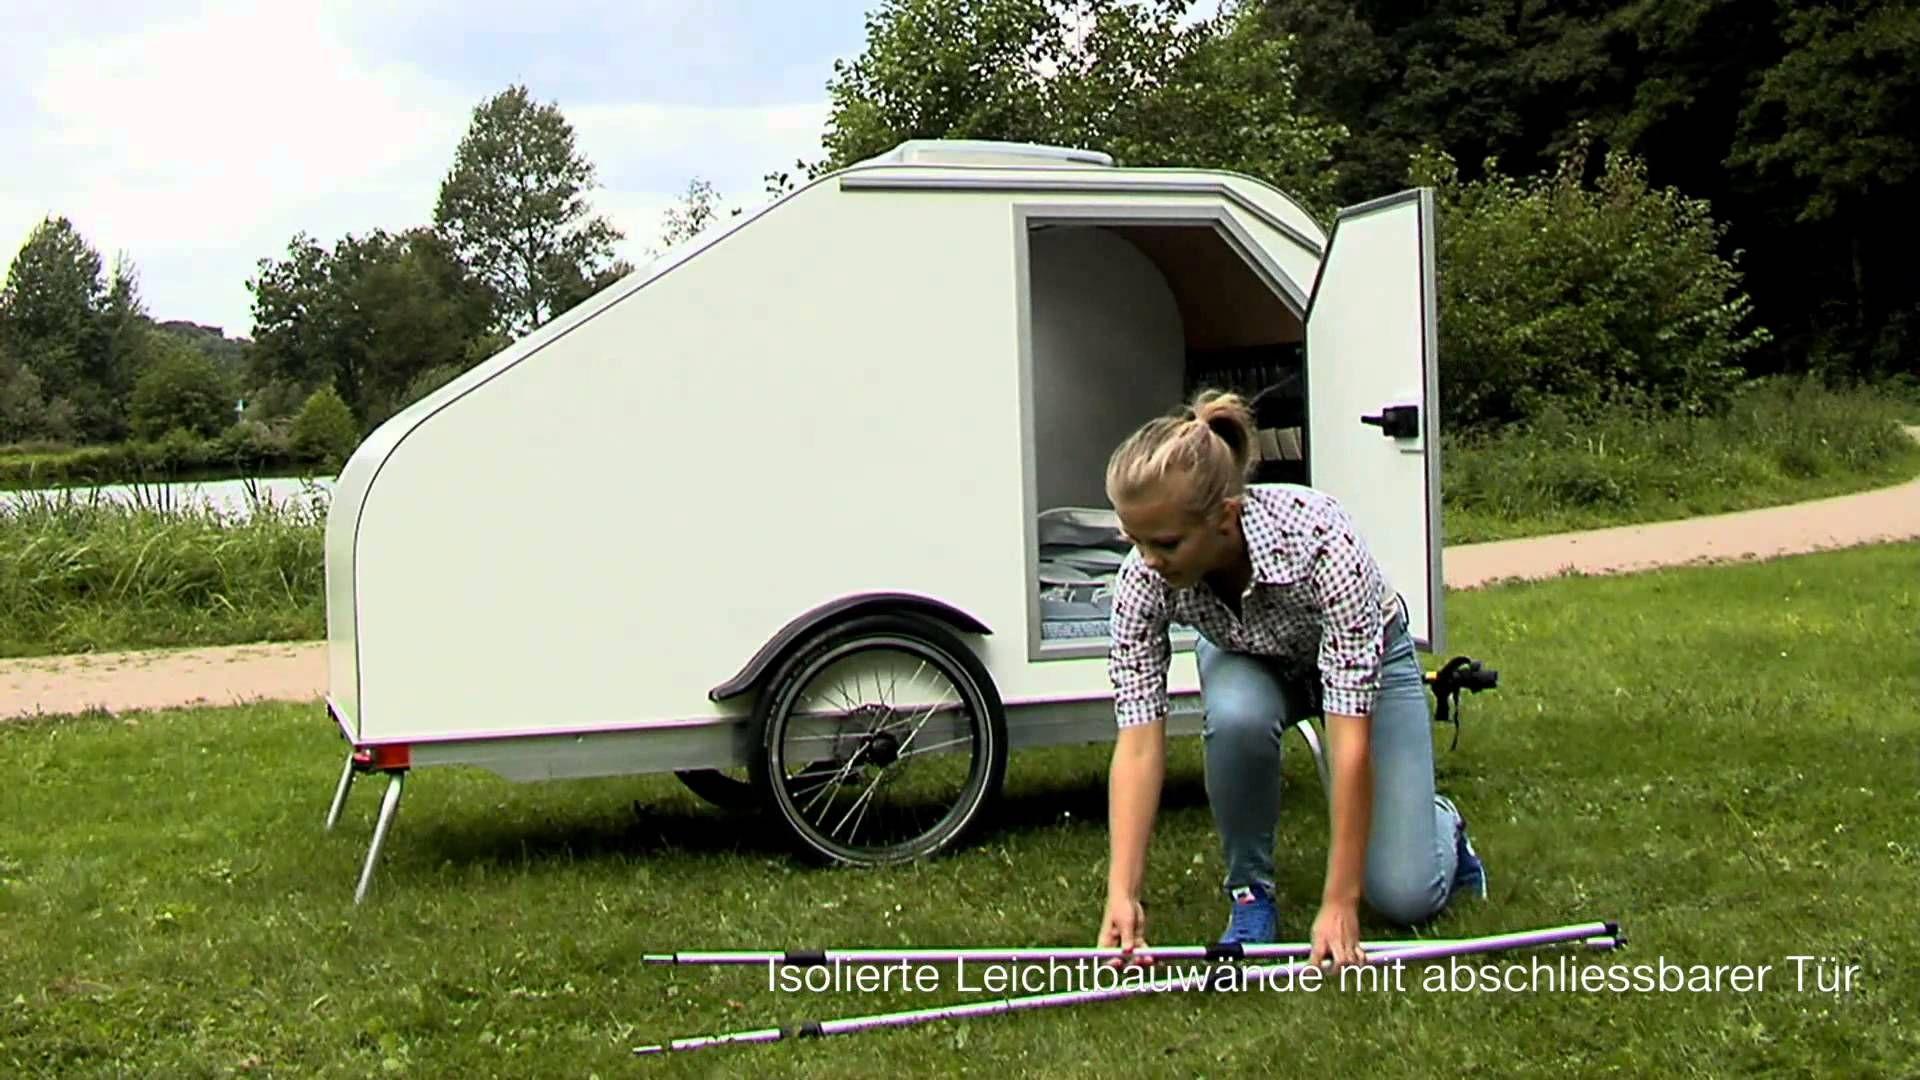 Eluk Wohnanhanger Mov Fahrrad Wohnwagen Kleines Wohnmobil Und Fahrrad